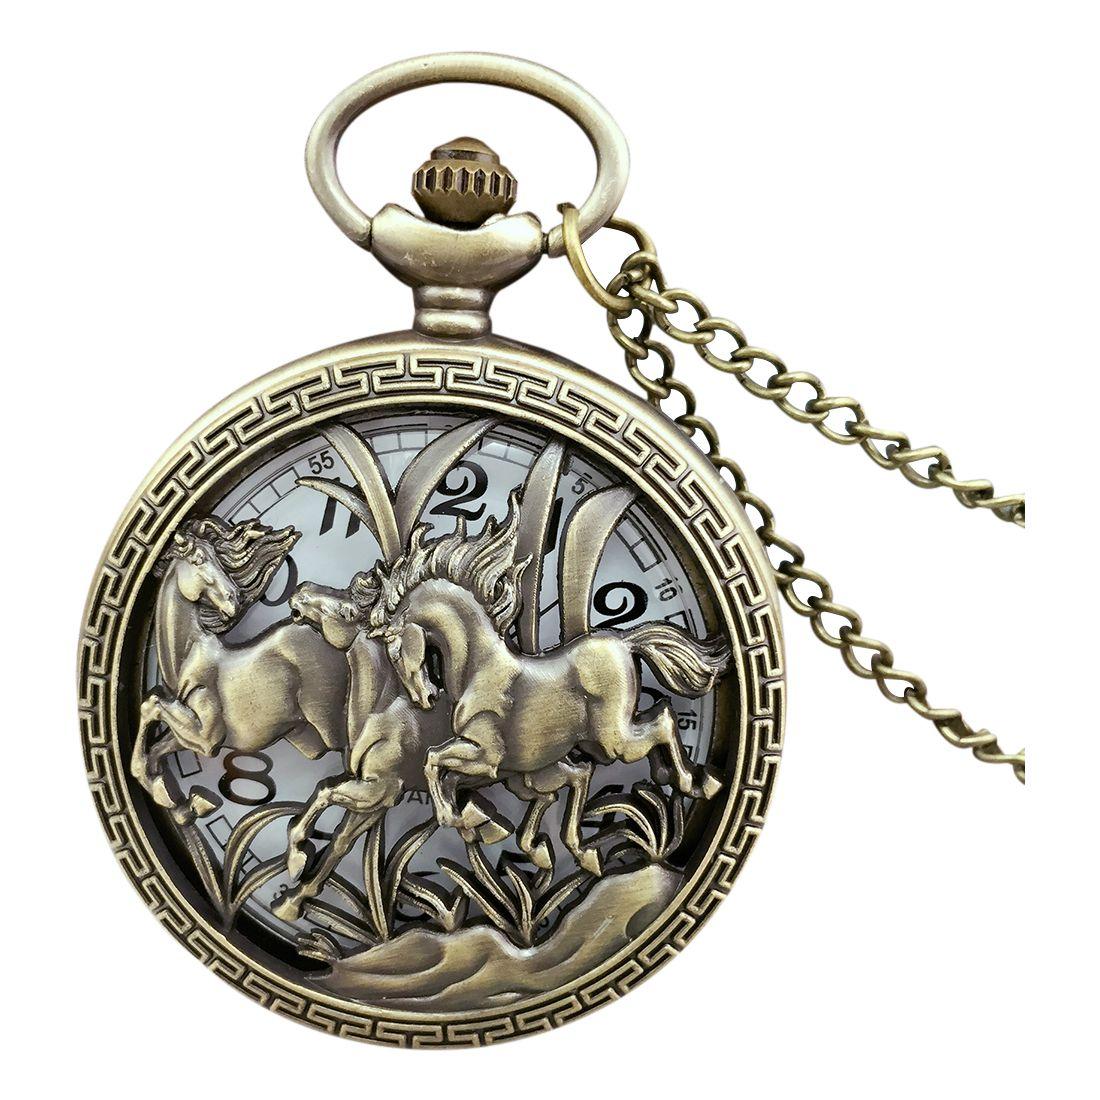 Practical Vintage Hollow Three Horse Quartz Pocket Watch Necklace Chain Pendant